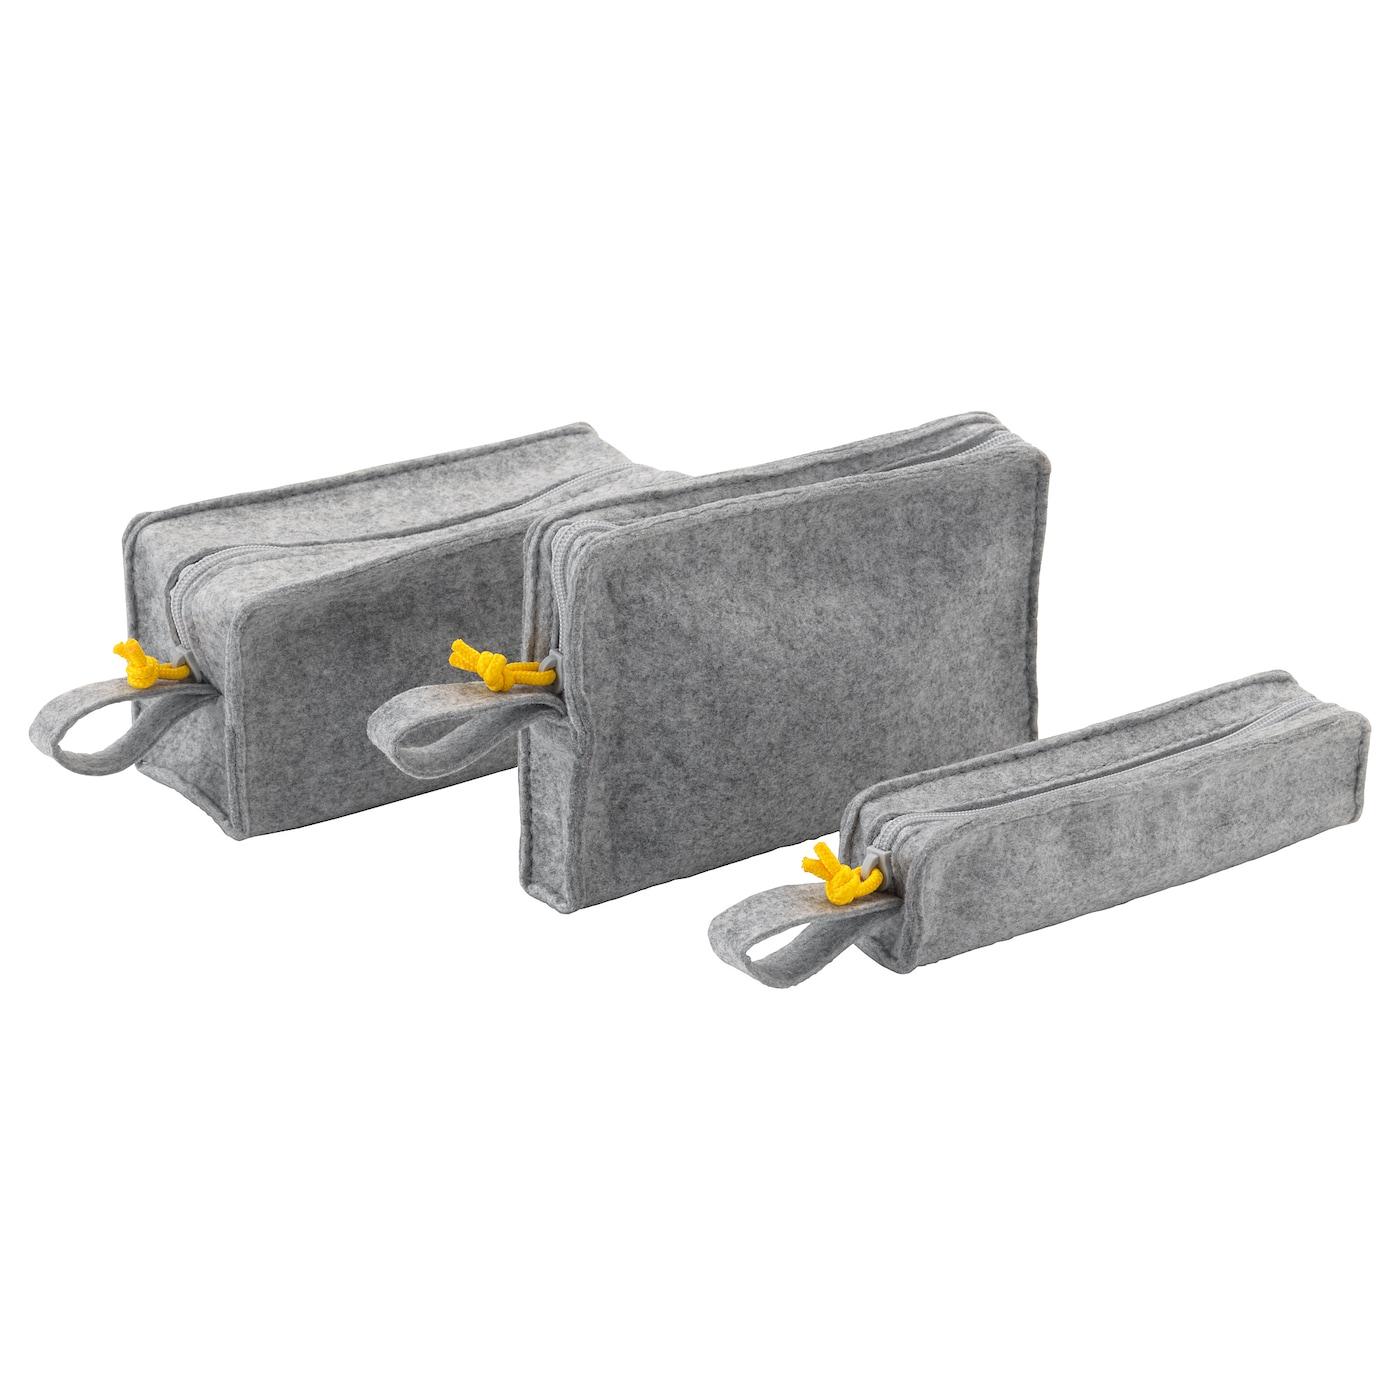 bd1461a2524e IKEA KNALLBÅGE accessory bag